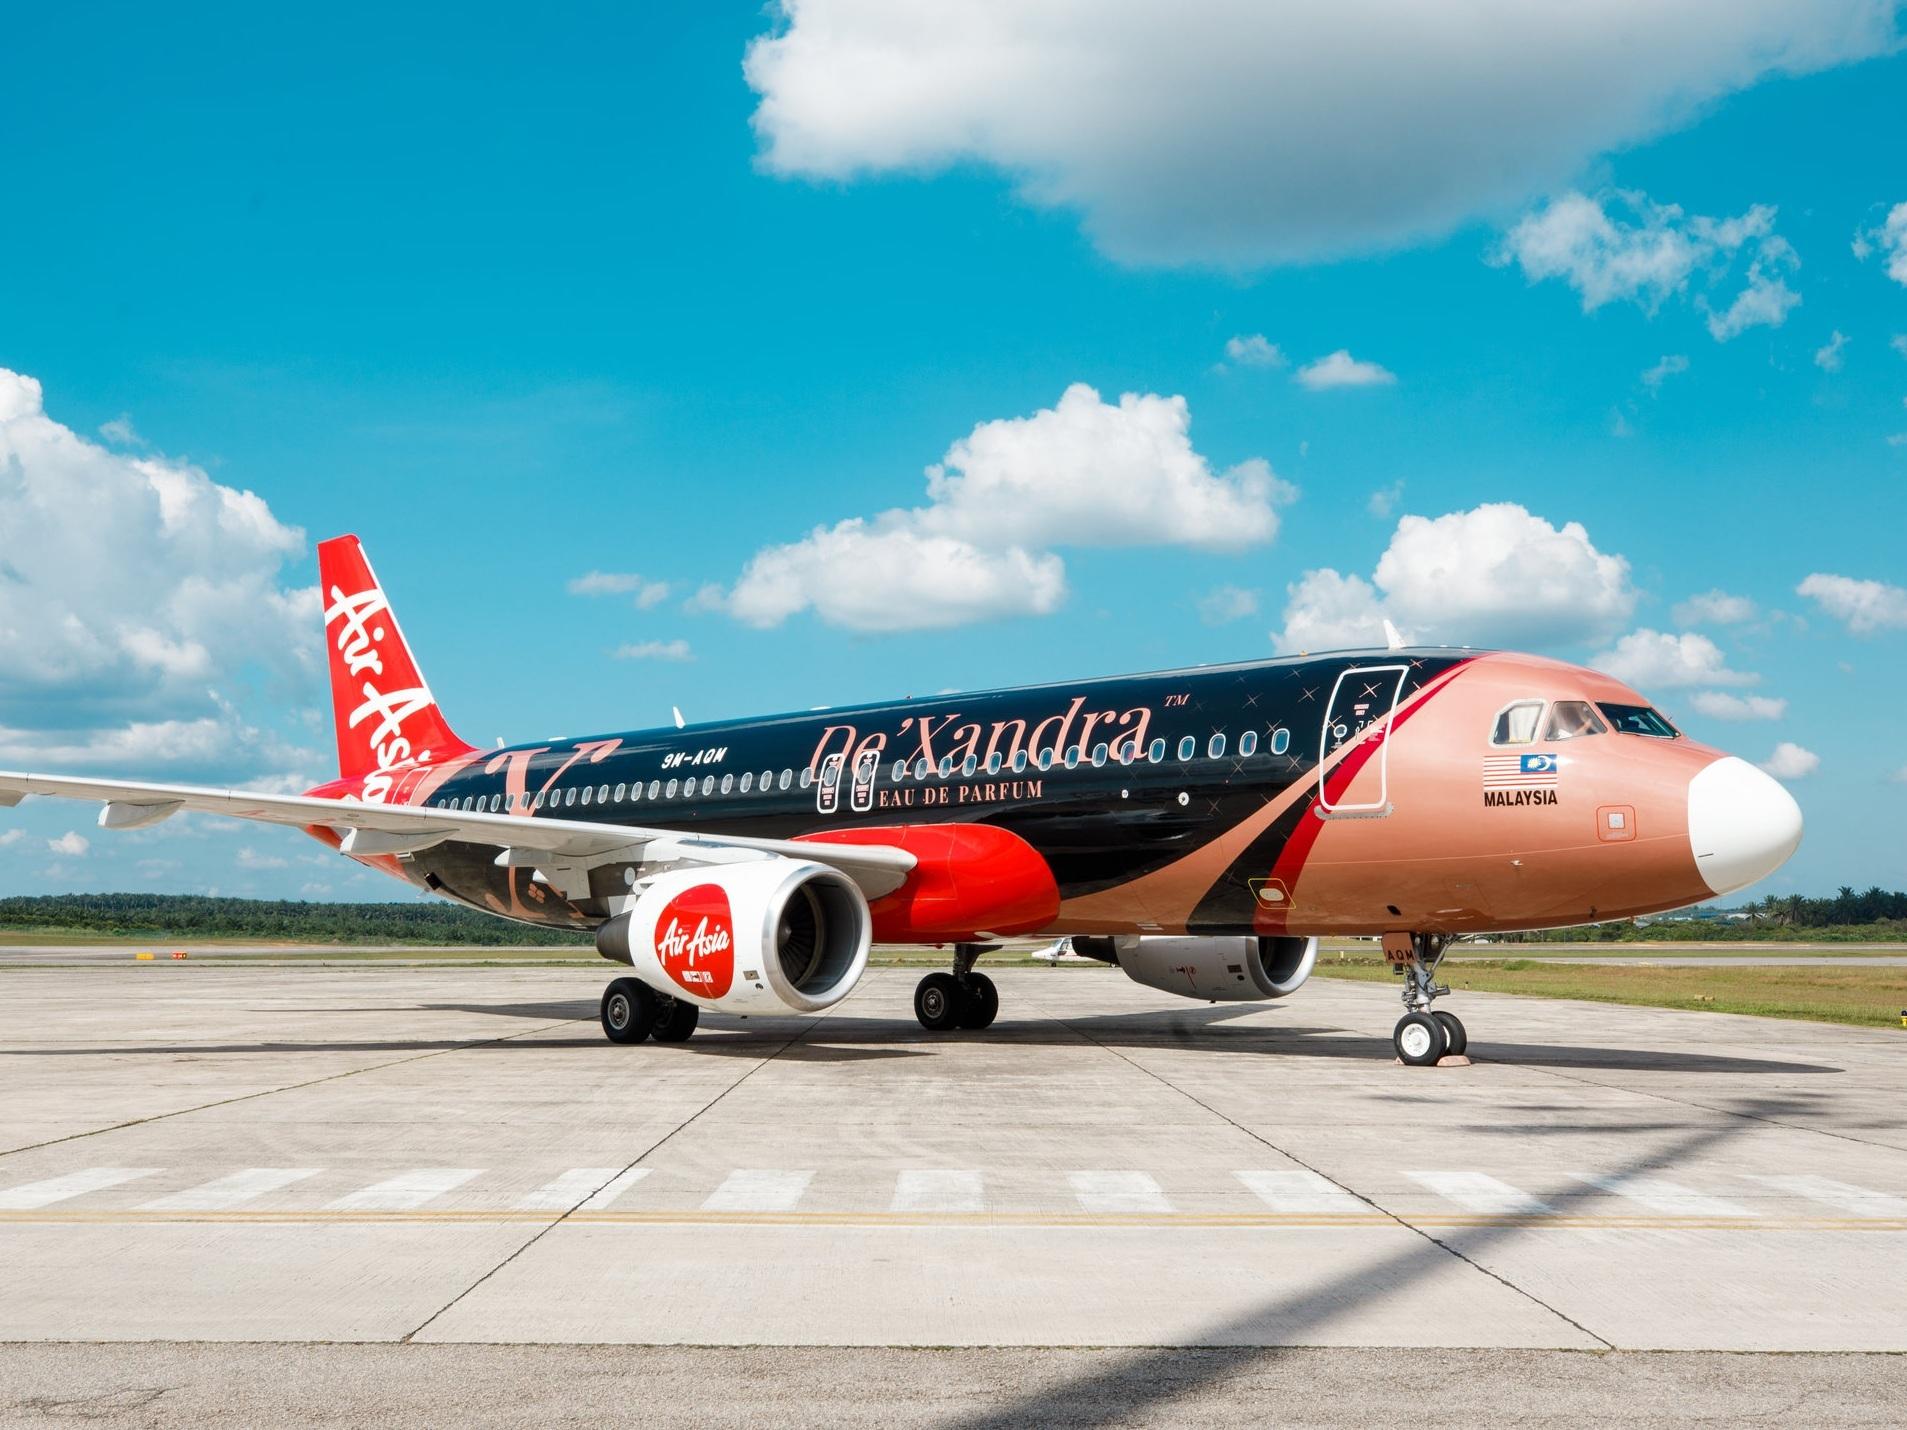 De'Xandra Livery for AirAsia